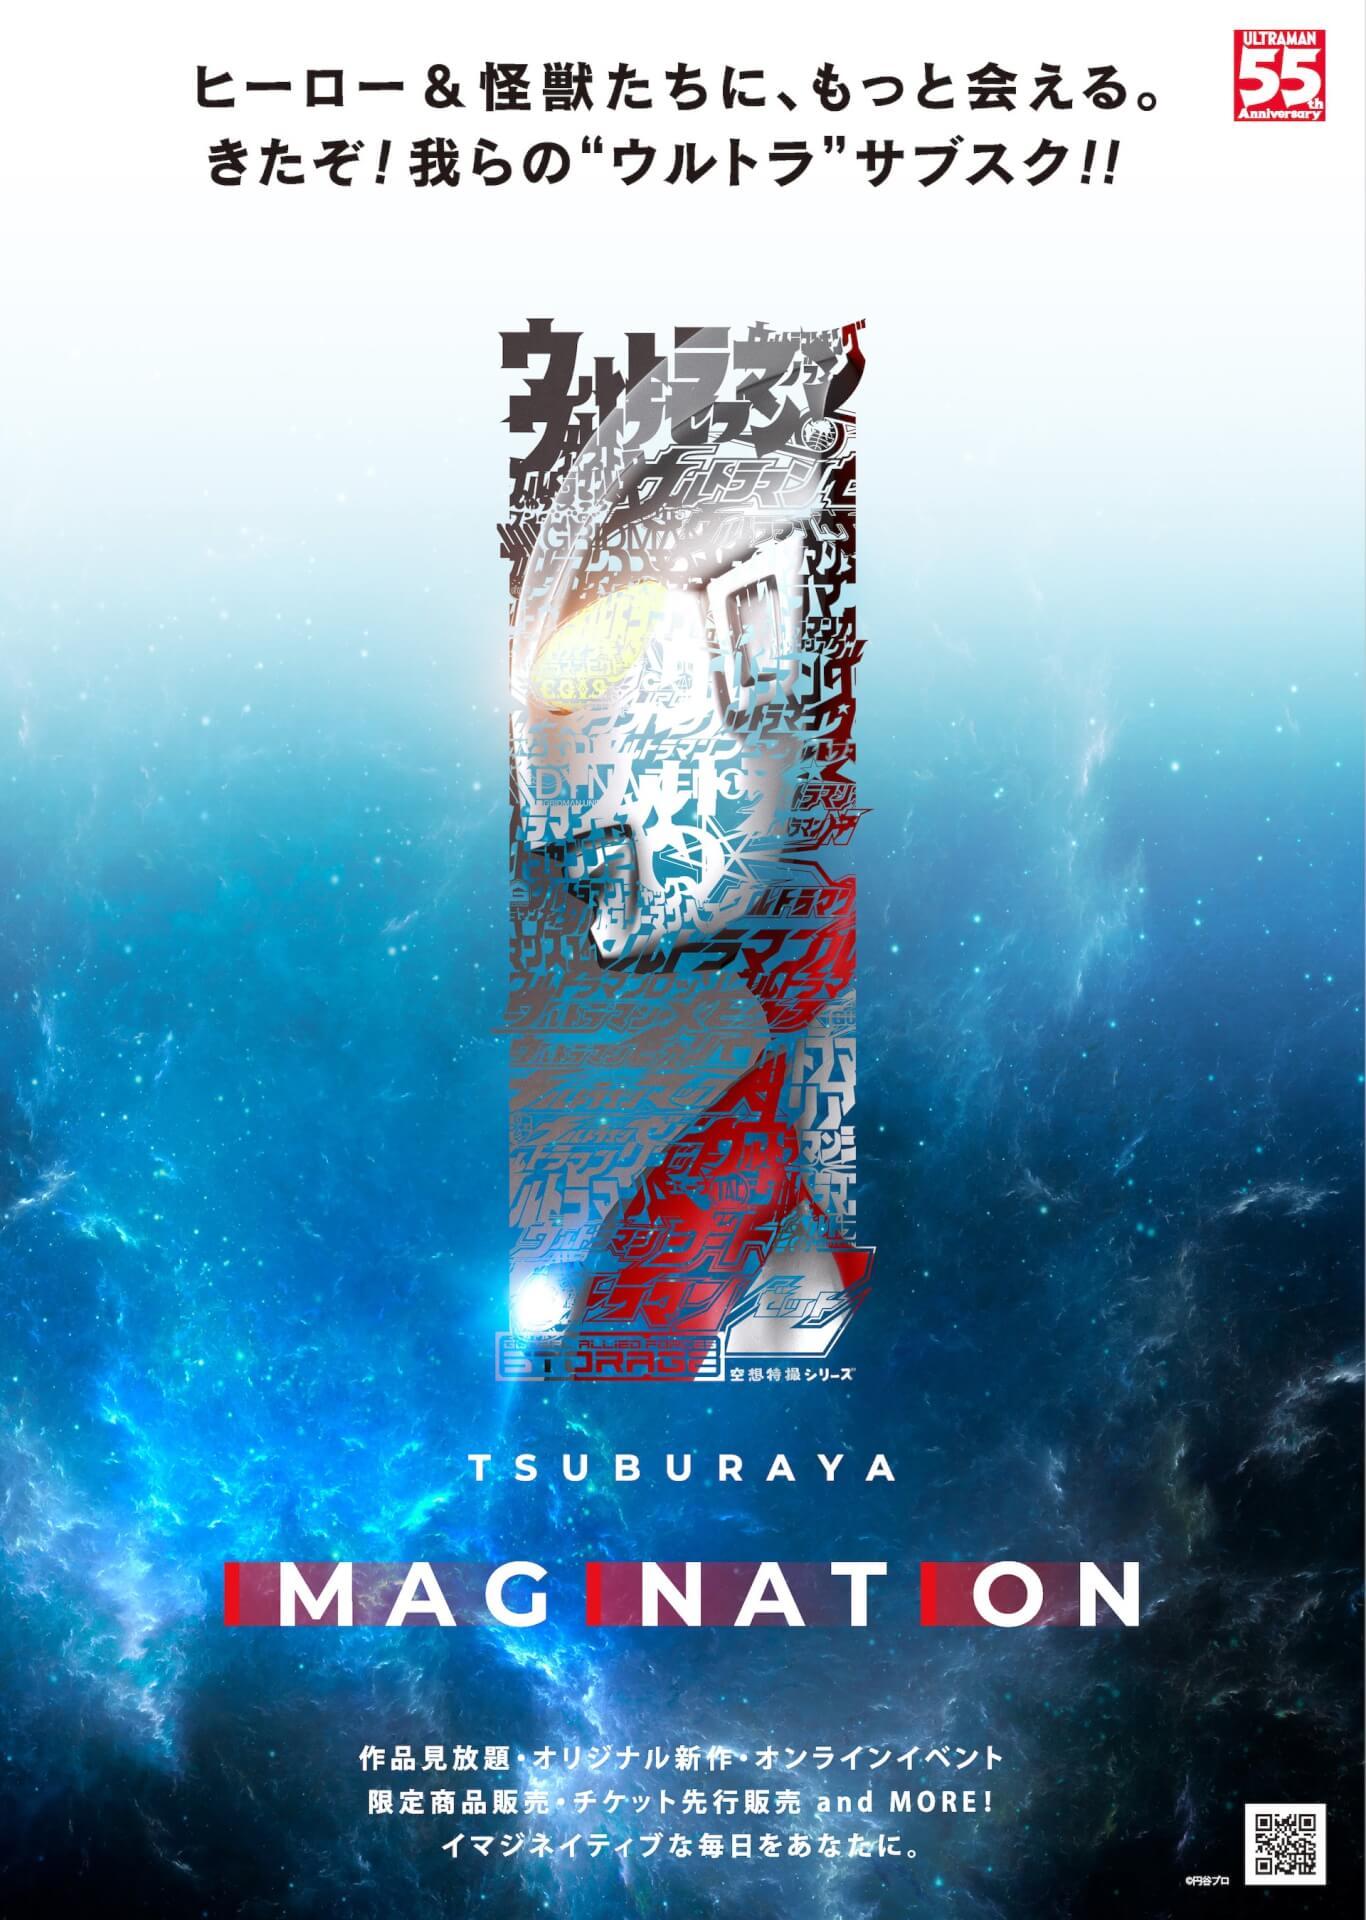 ウルトラマン、ウルトラセブン、ウルトラマンZらがサブスクに!円谷プロダクションのデジタル・プラットフォーム「TSUBURAYA IMAGINATION」が本日提供開始 film210317_ultraman_2